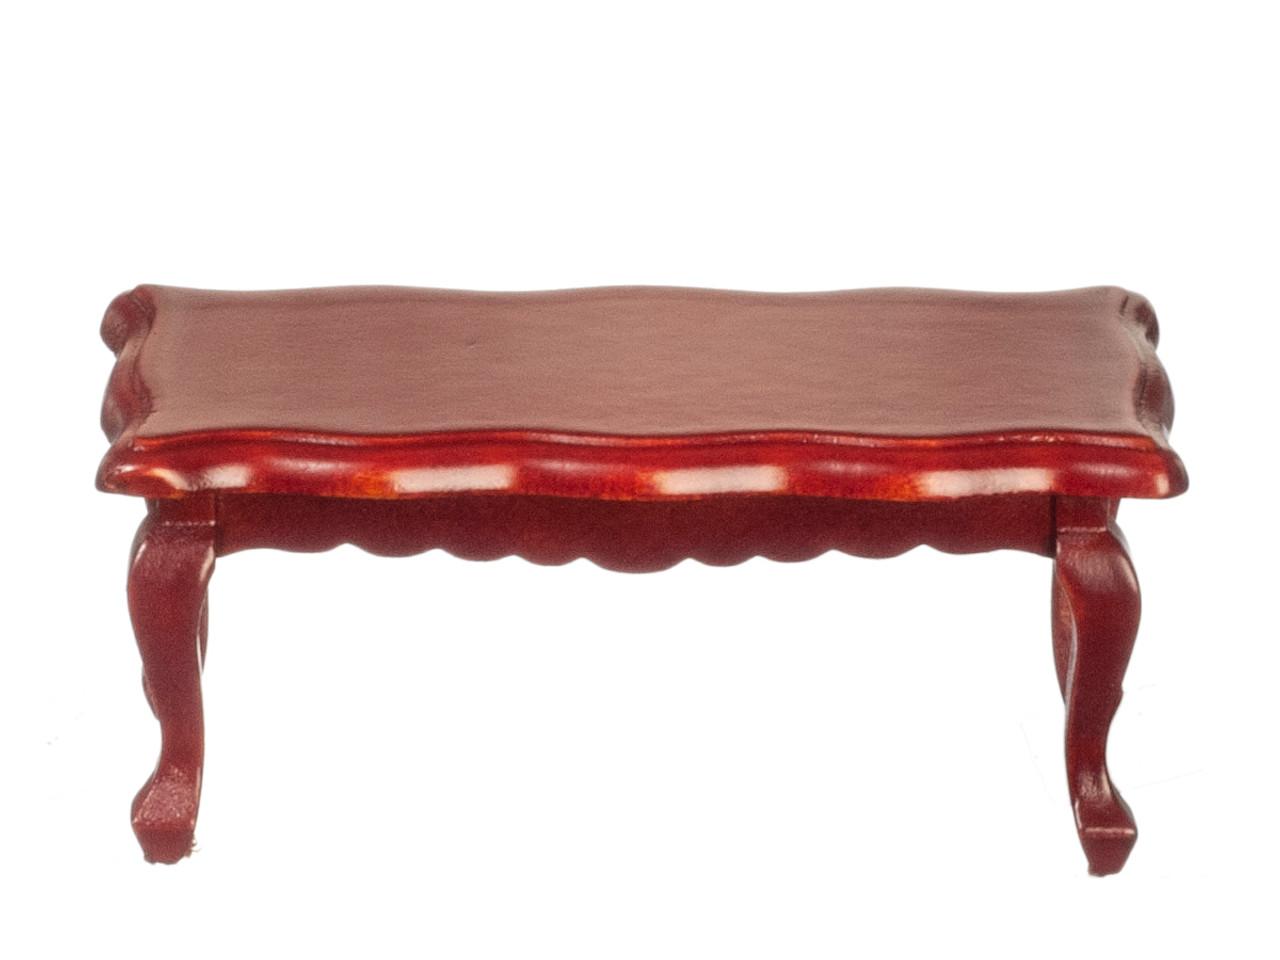 Victorian Coffee Table - Mahogany